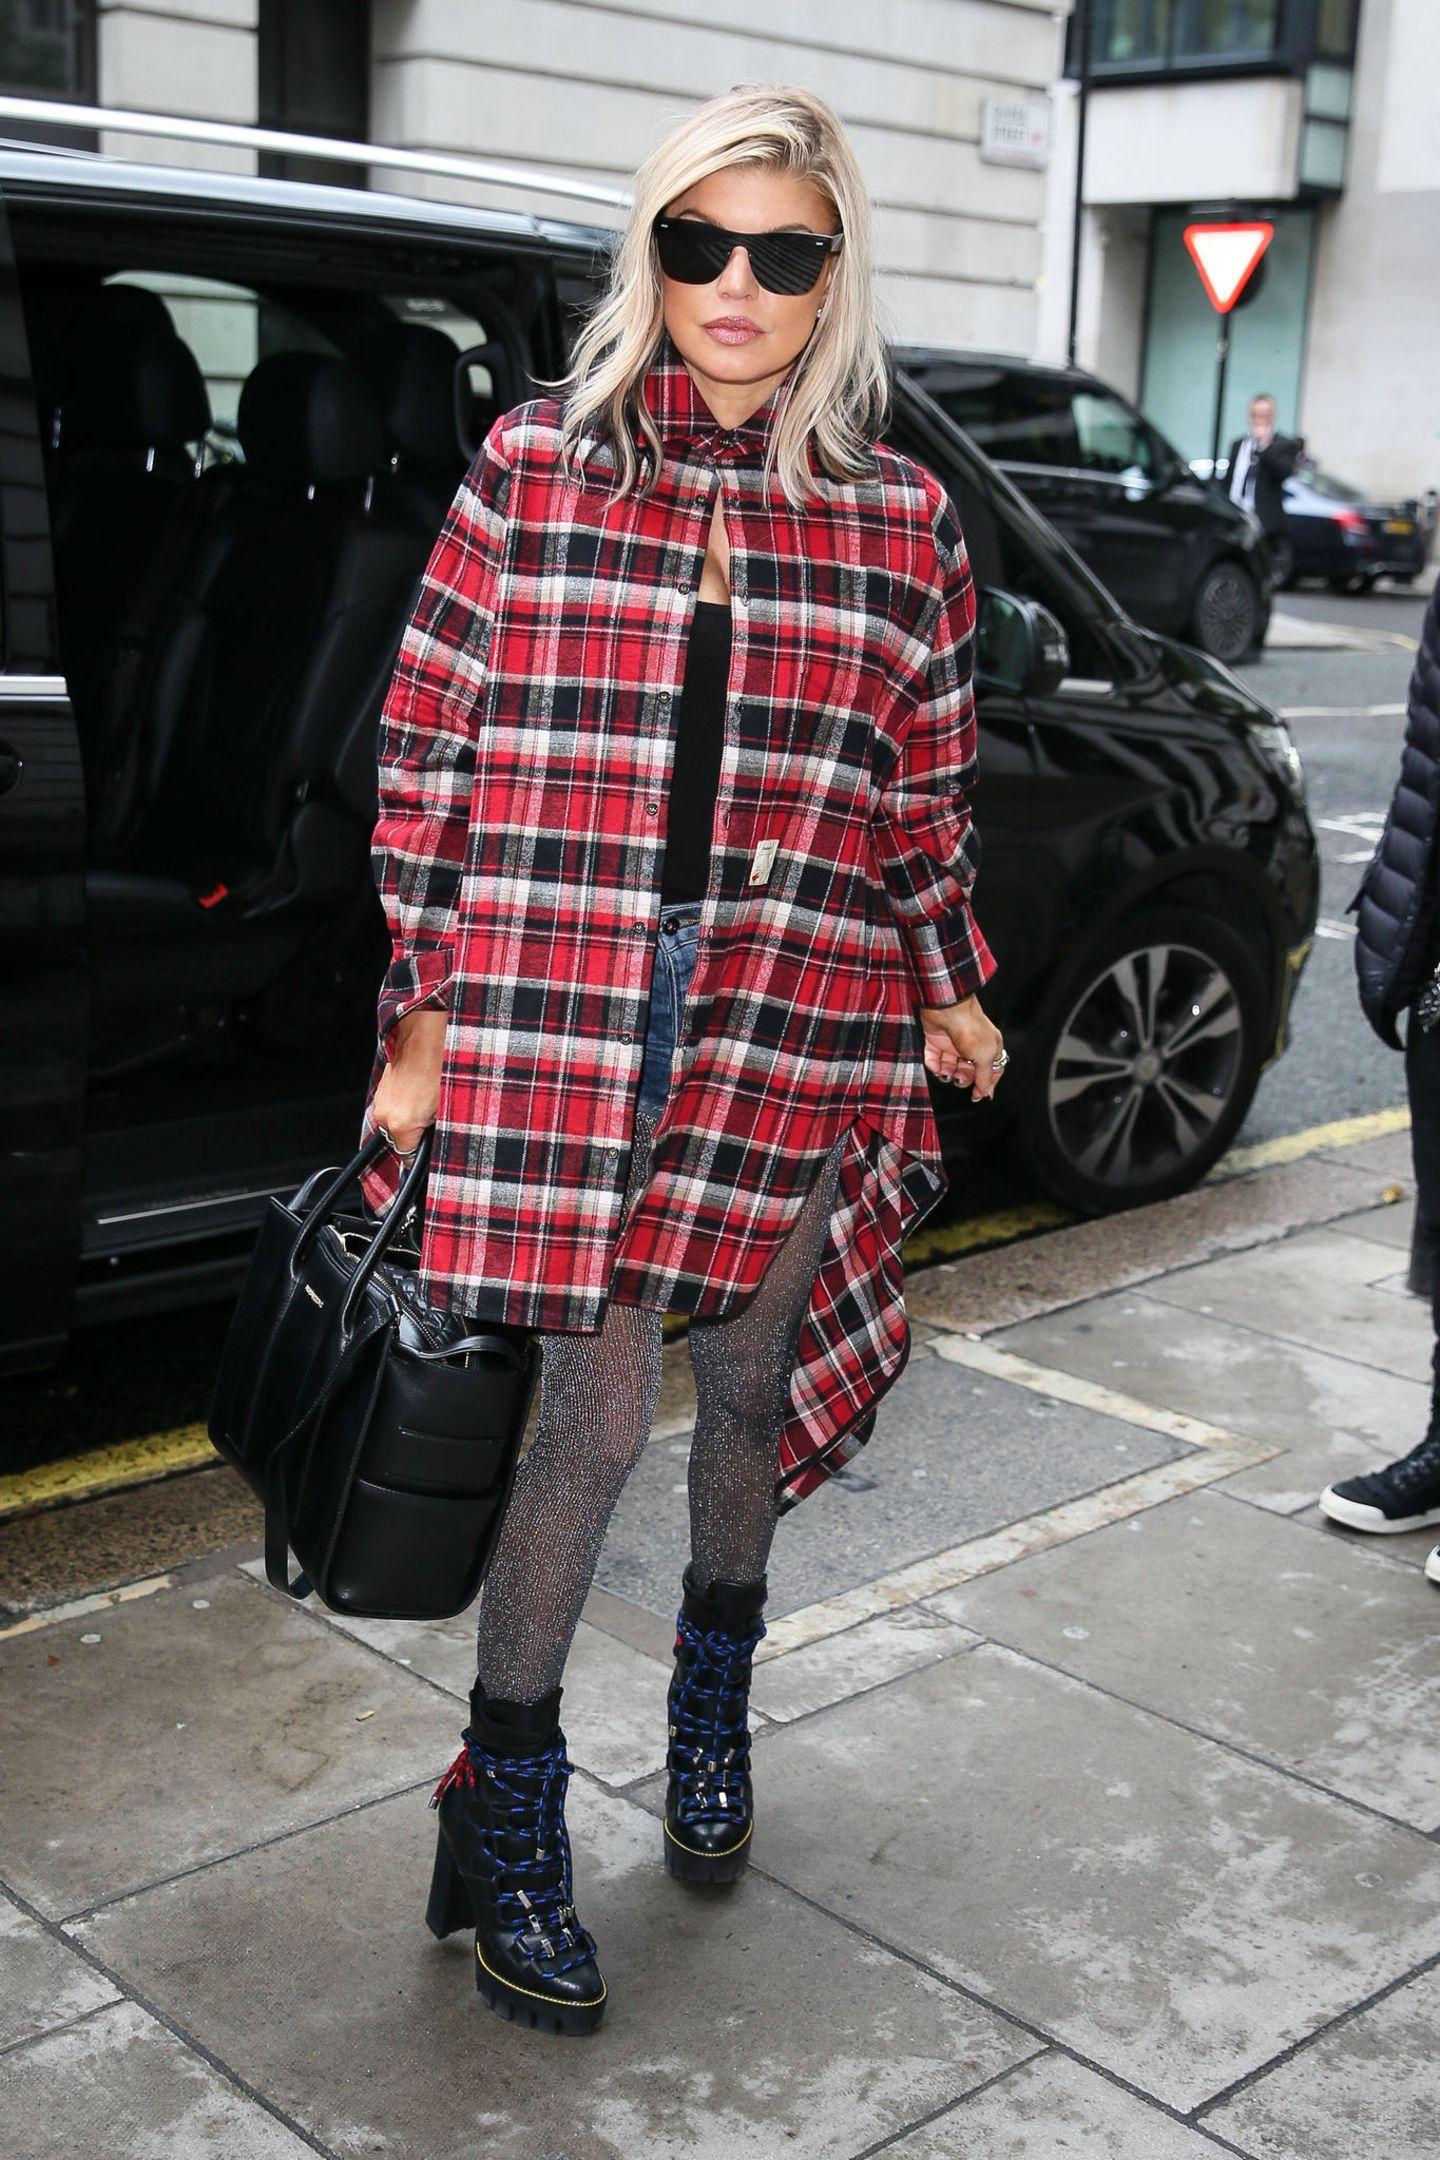 Wilder Style-Mix: Sängerin Fergie ist für ihre coolen Looks bekannt und beweist mit diesem Outfit einmal mehr, dass sie etwas von Mode versteht. Zu einer Jeansshorts kombiniert sie ein schwarzes Oberteil mit Ausschnitt, derbe Boots und ein rot-schwarzes Karohemd. Funkelnder Hingucker ist ihre Glitzer-Strumpfhose.